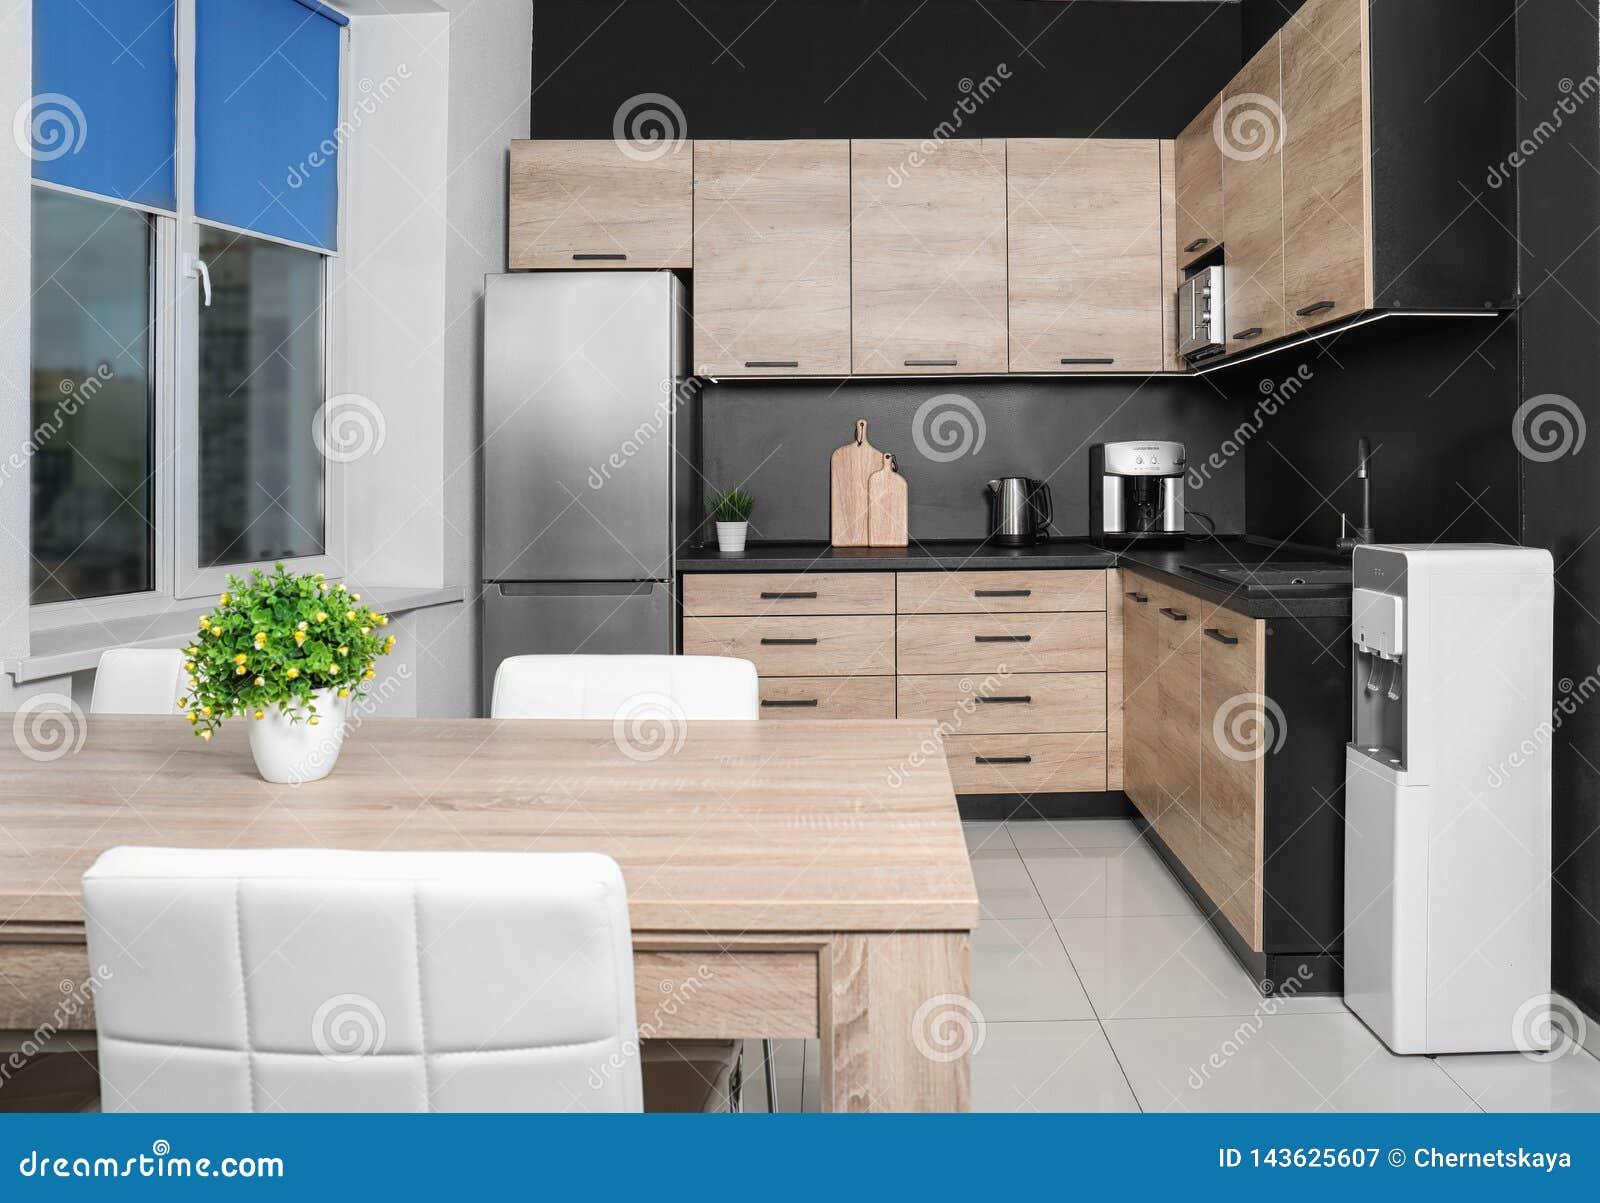 Comfortabel modern keukenbinnenland met nieuw meubilair